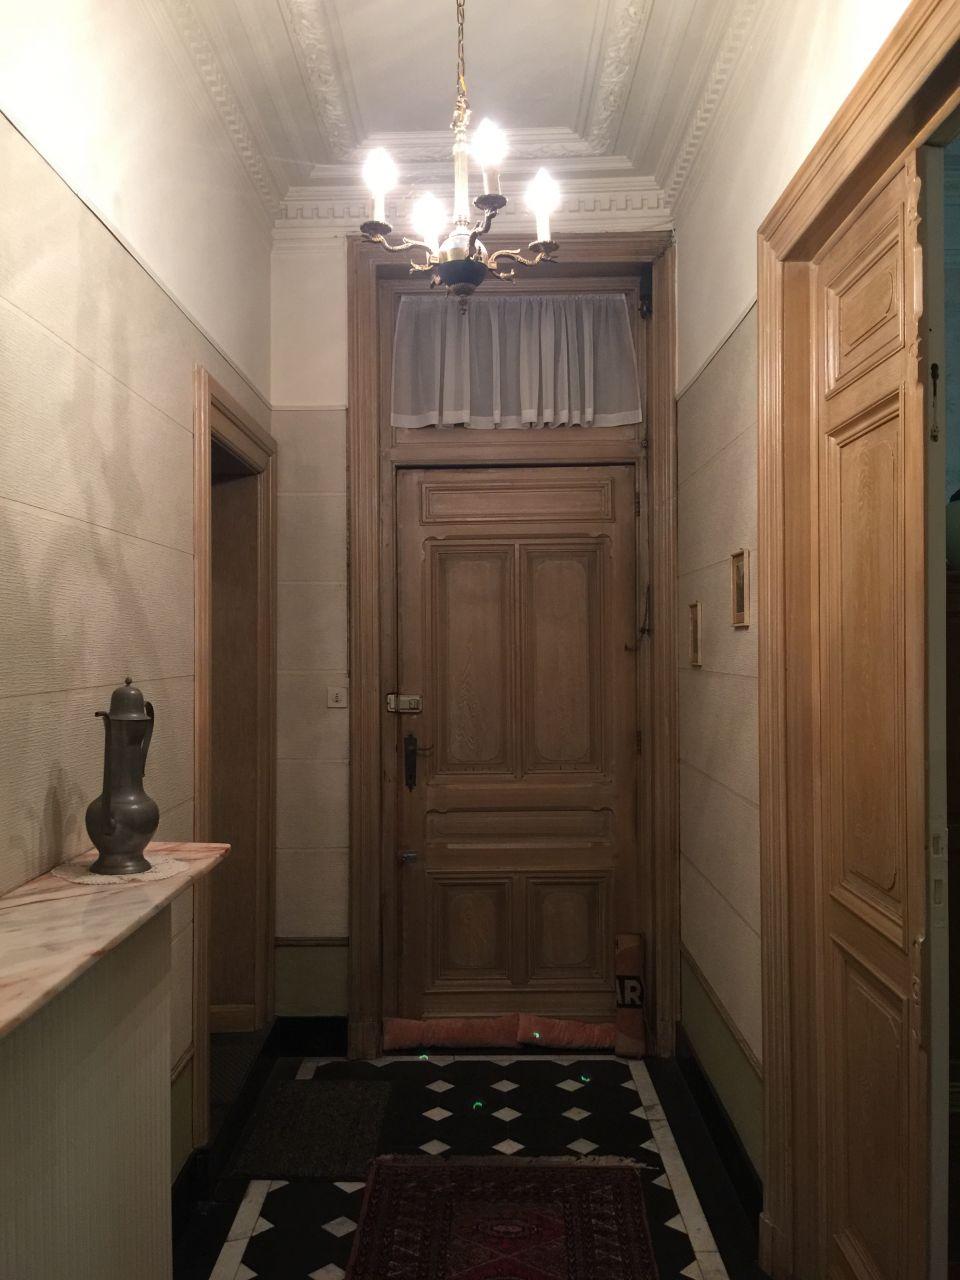 Hall d'entrée avant que la maison ne soit vidée